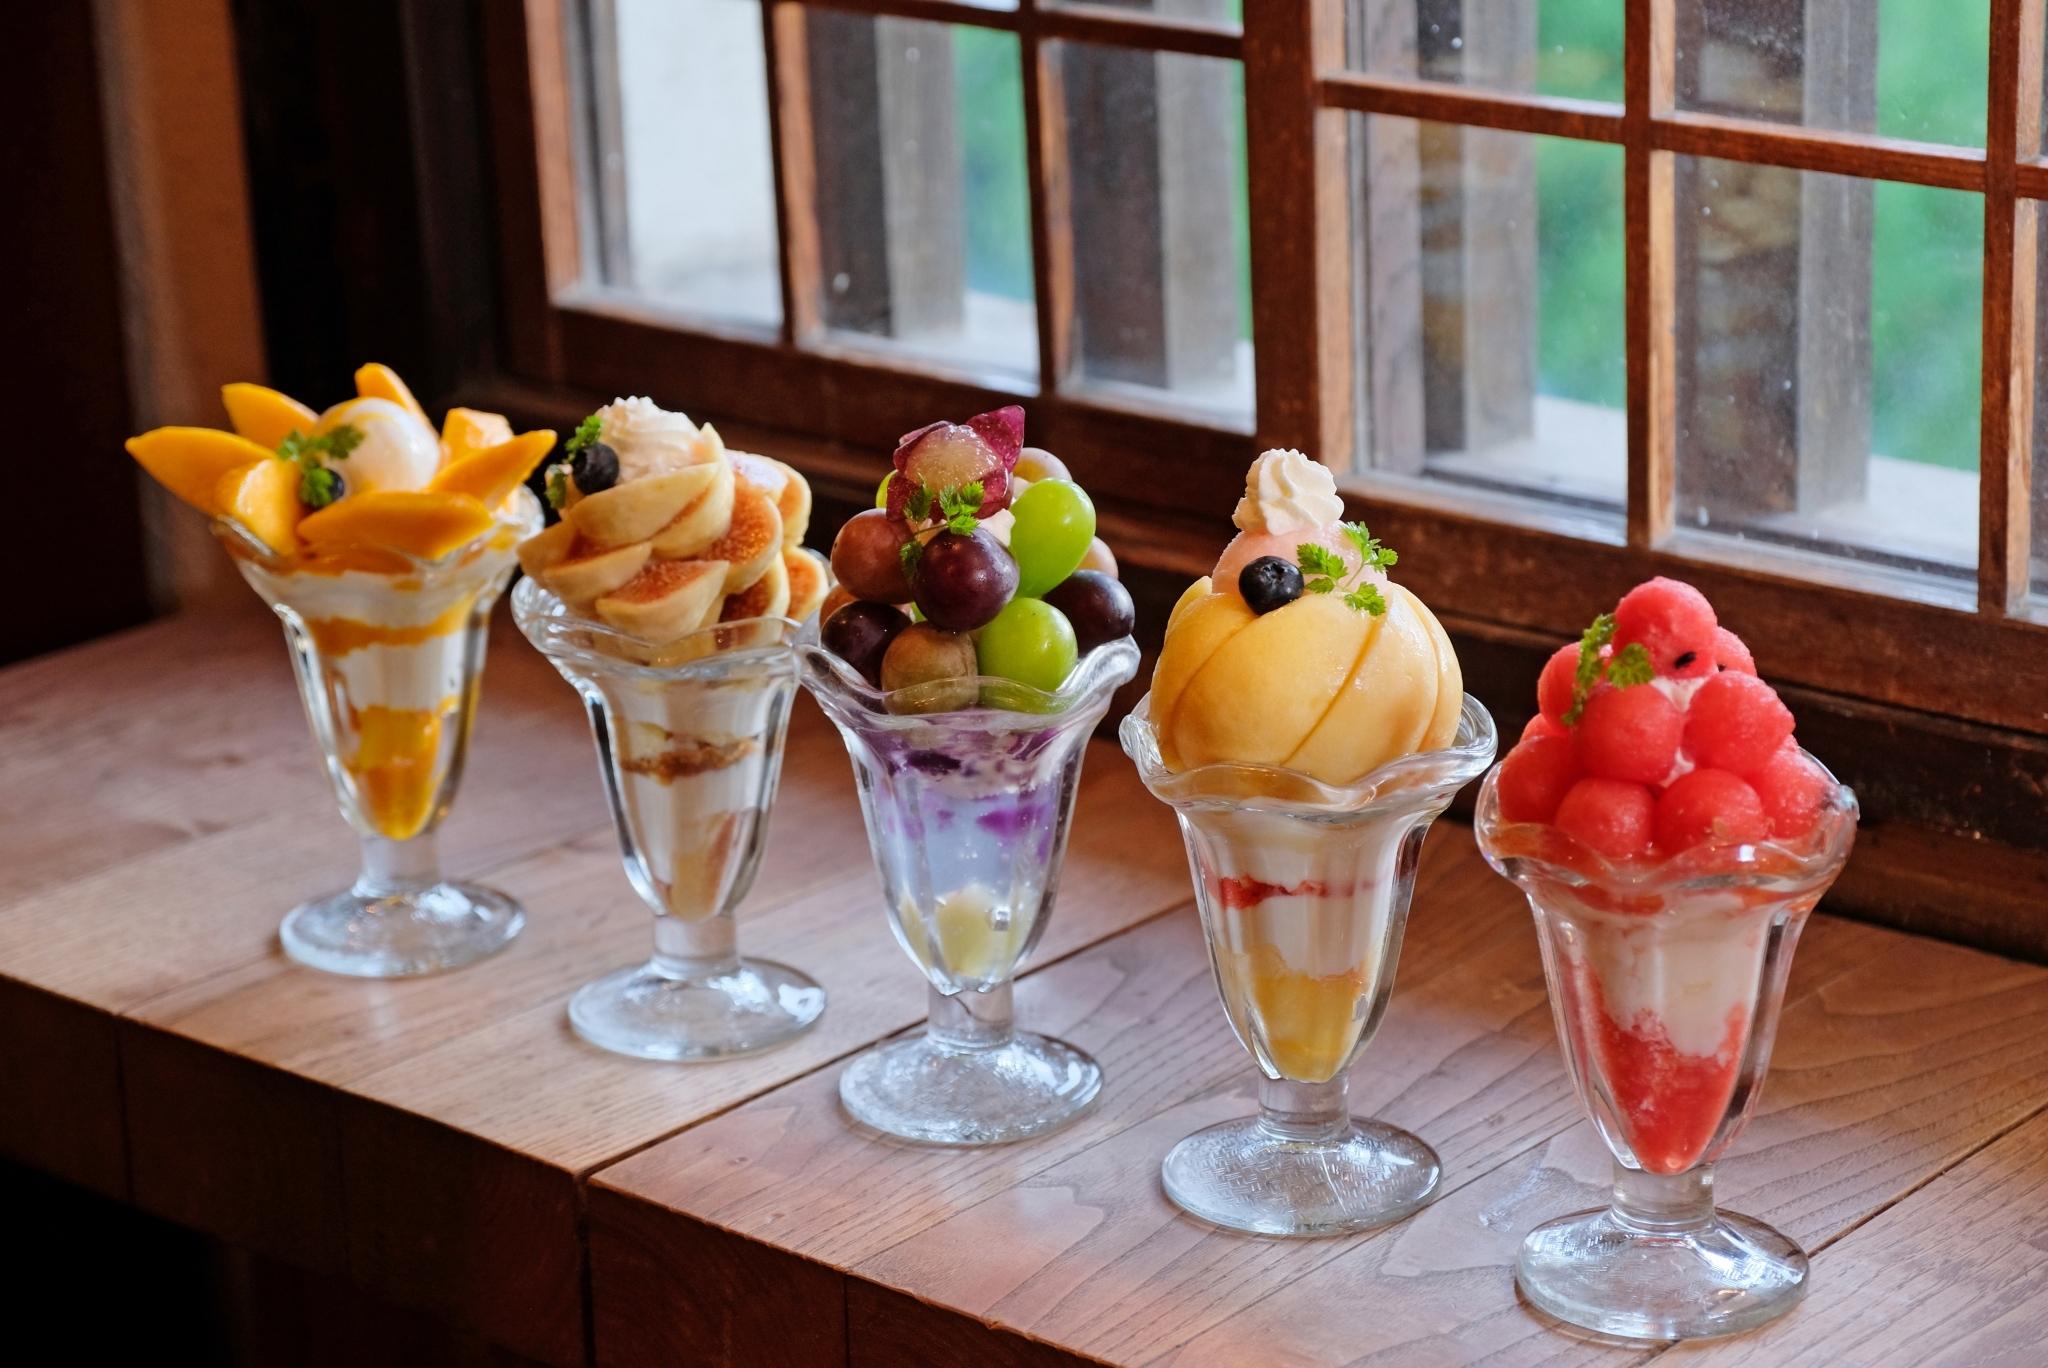 Les parfaits aux fruits d'Okayama